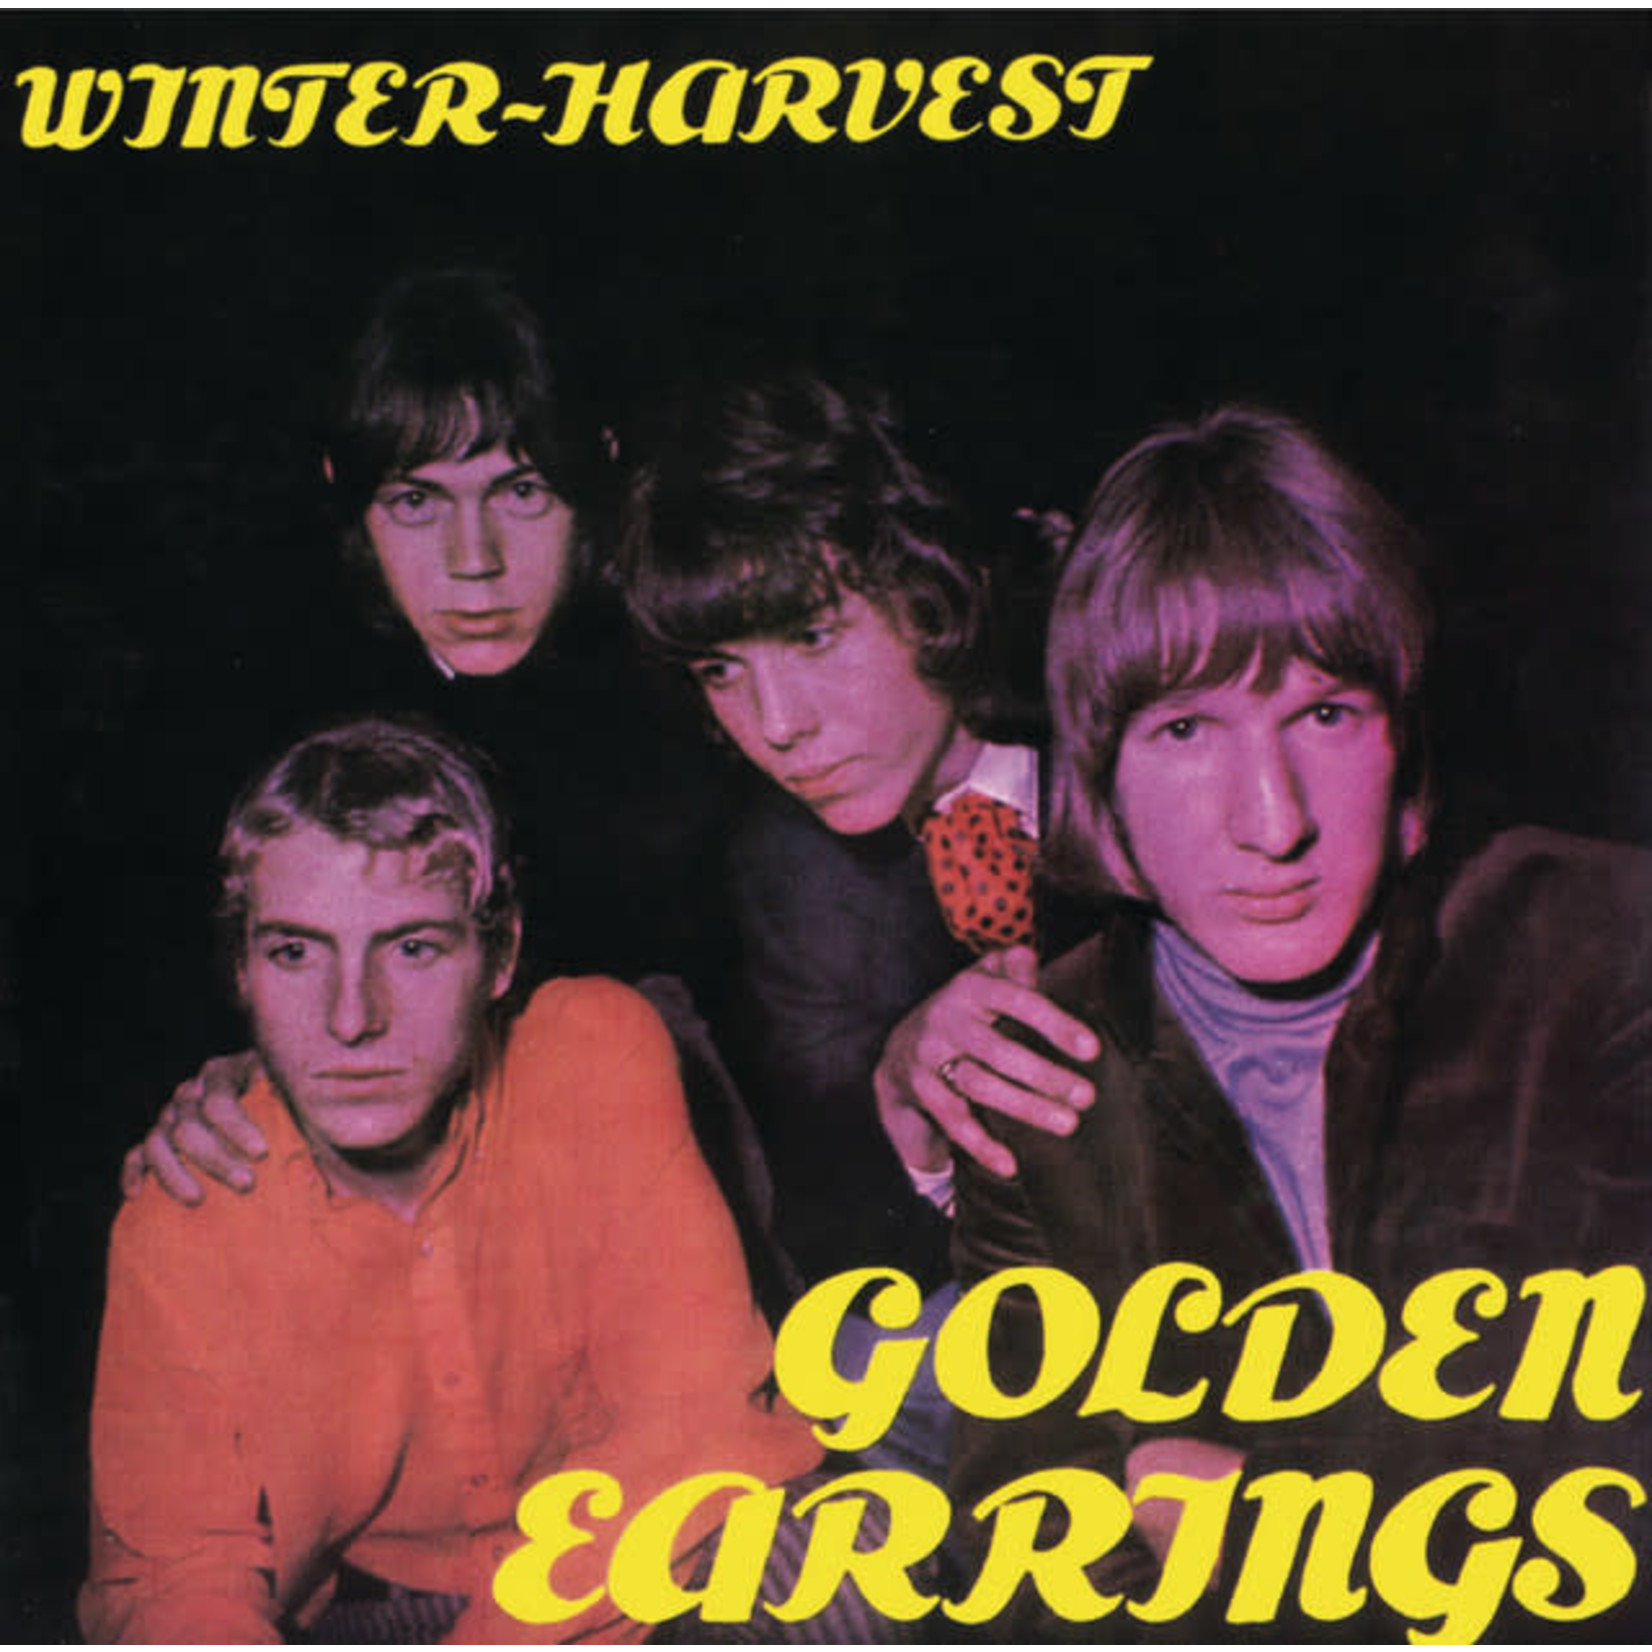 Vinyl Golden Earring - Winter-Harvest